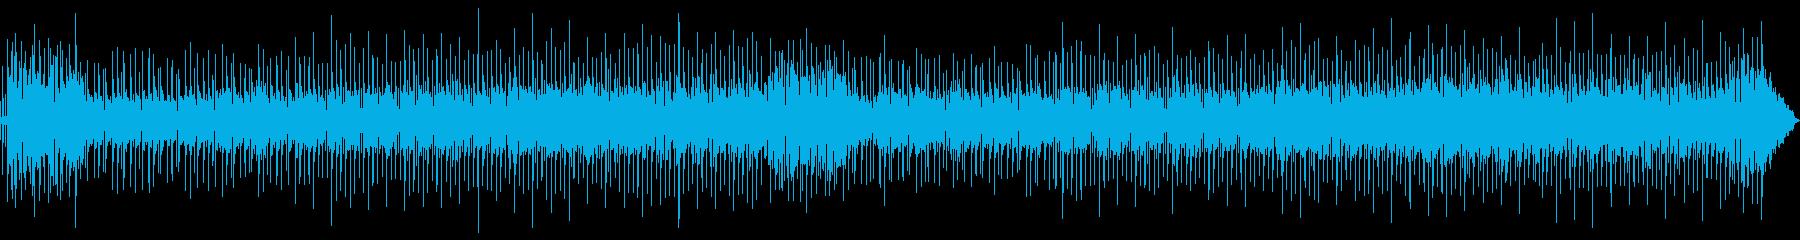 ピアノバー、フォーク、ソフトの再生済みの波形